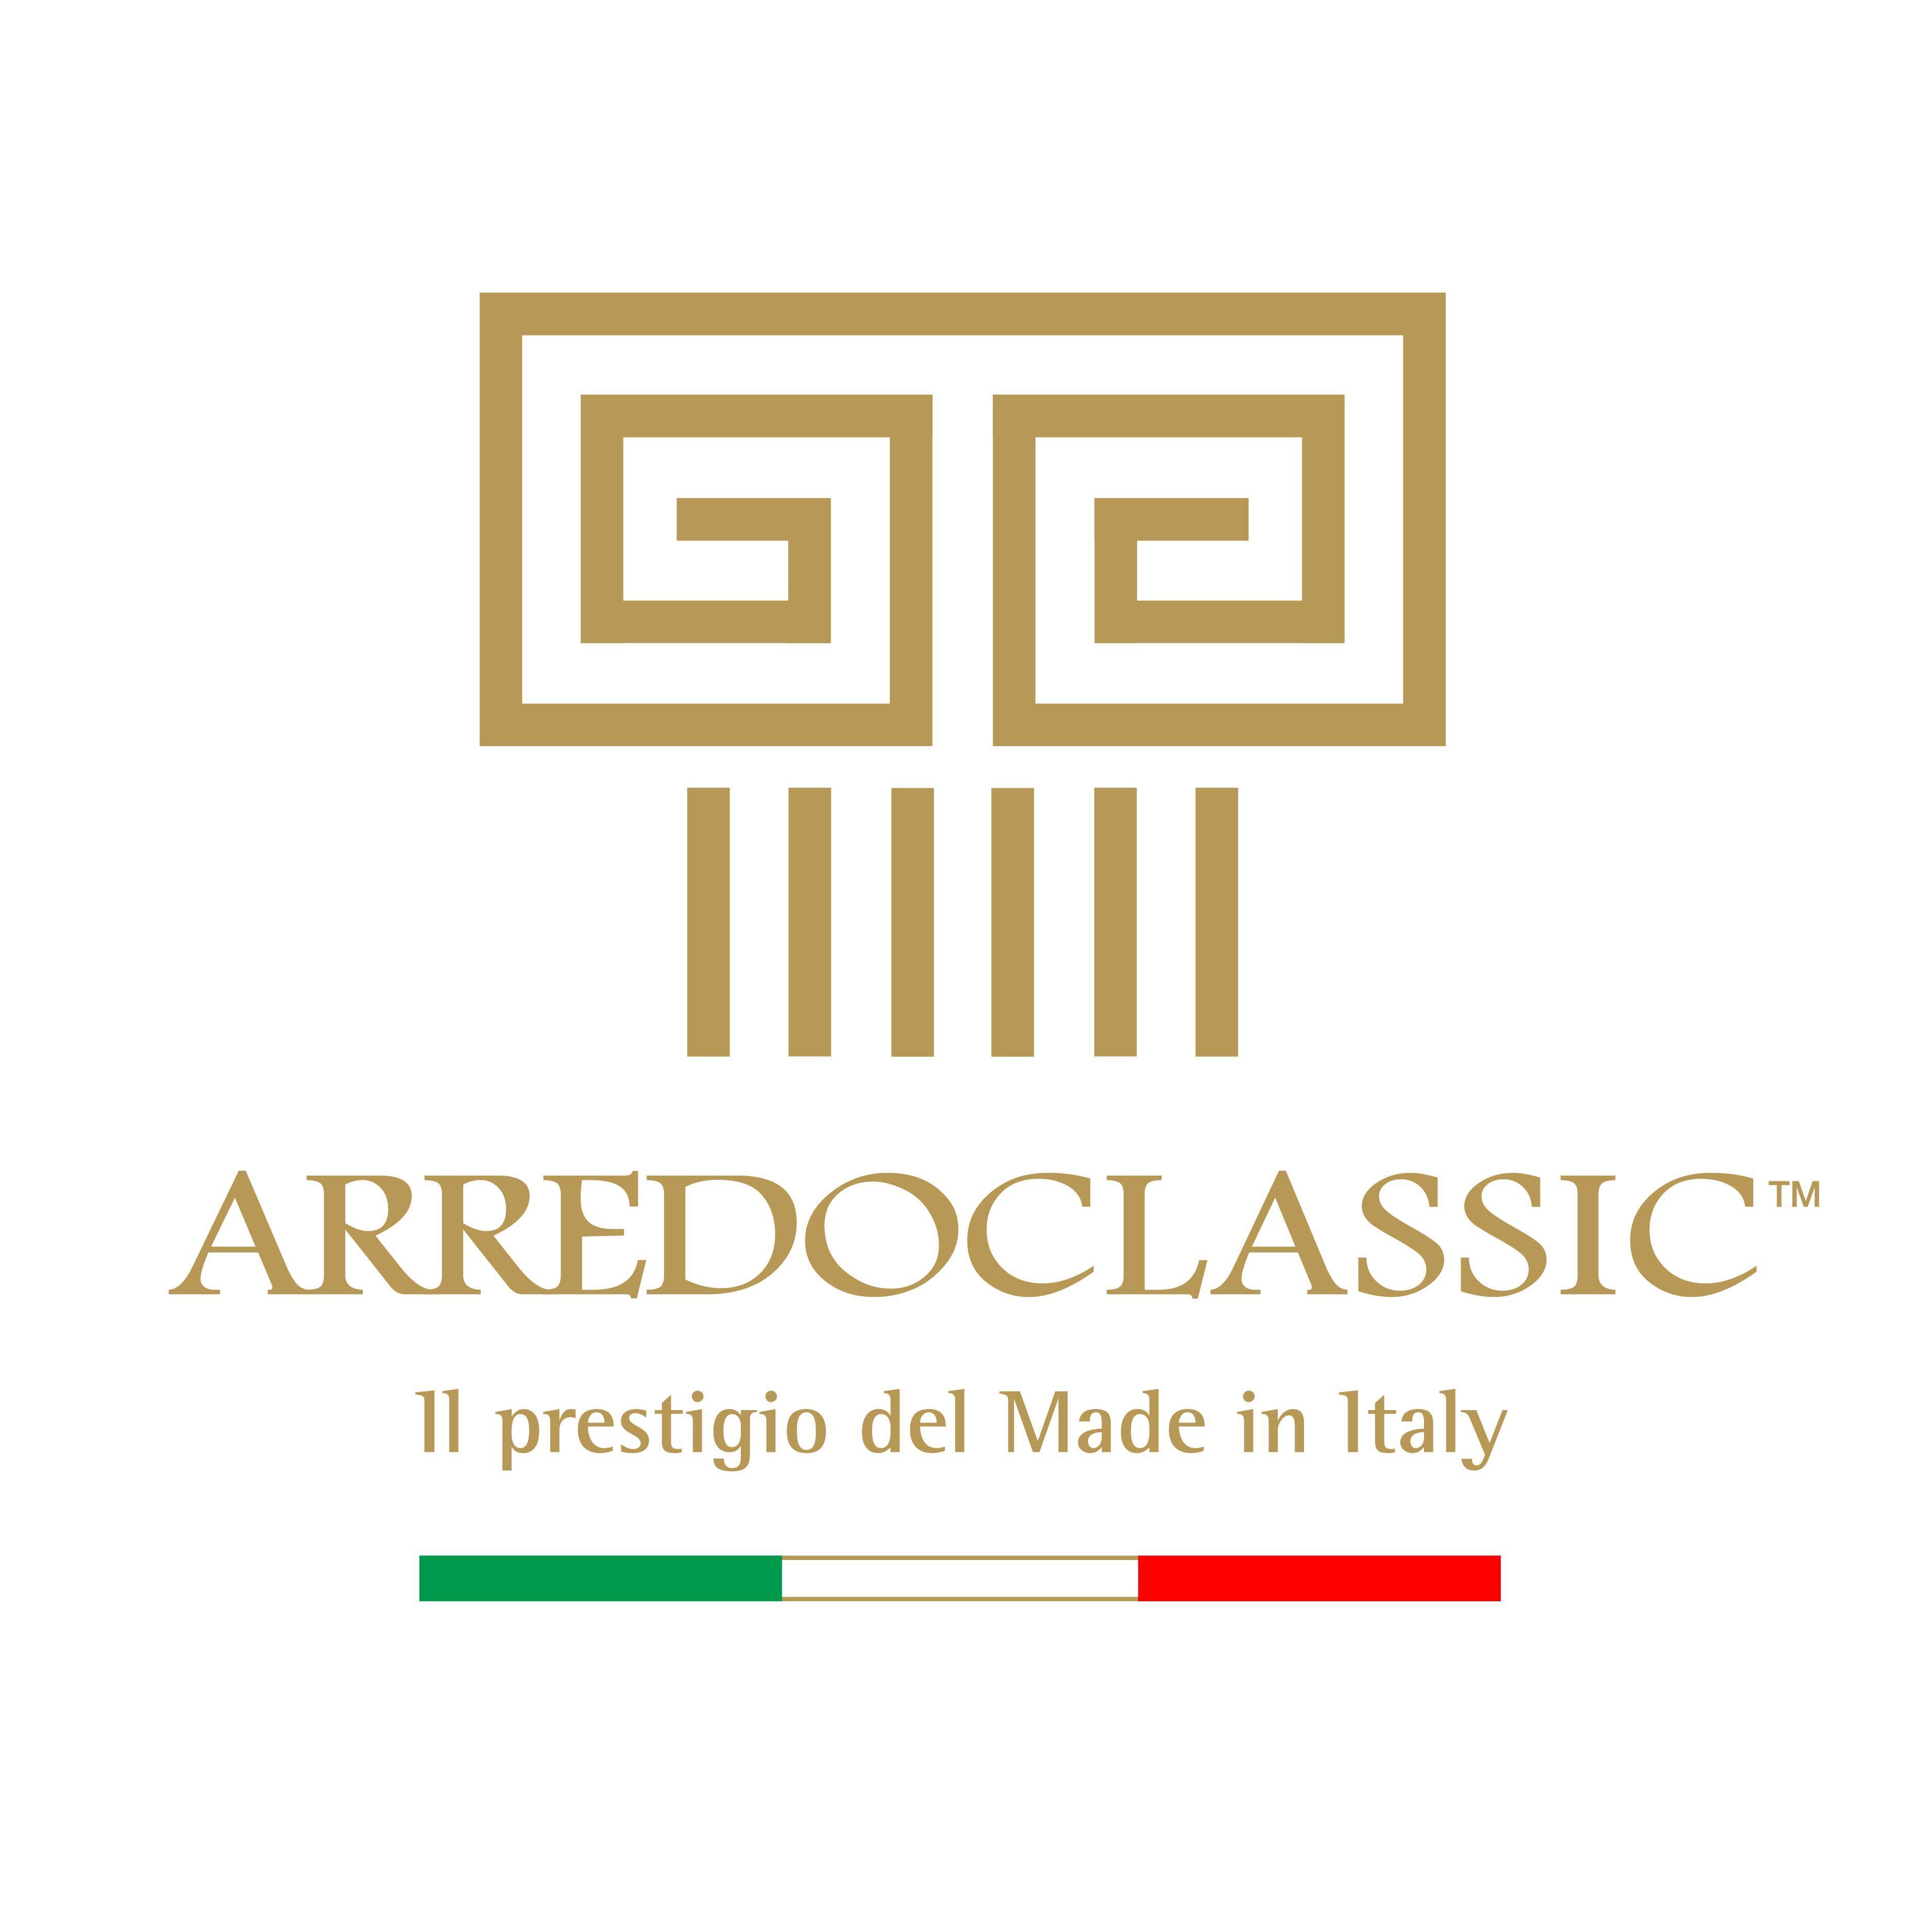 @Arredoclassic